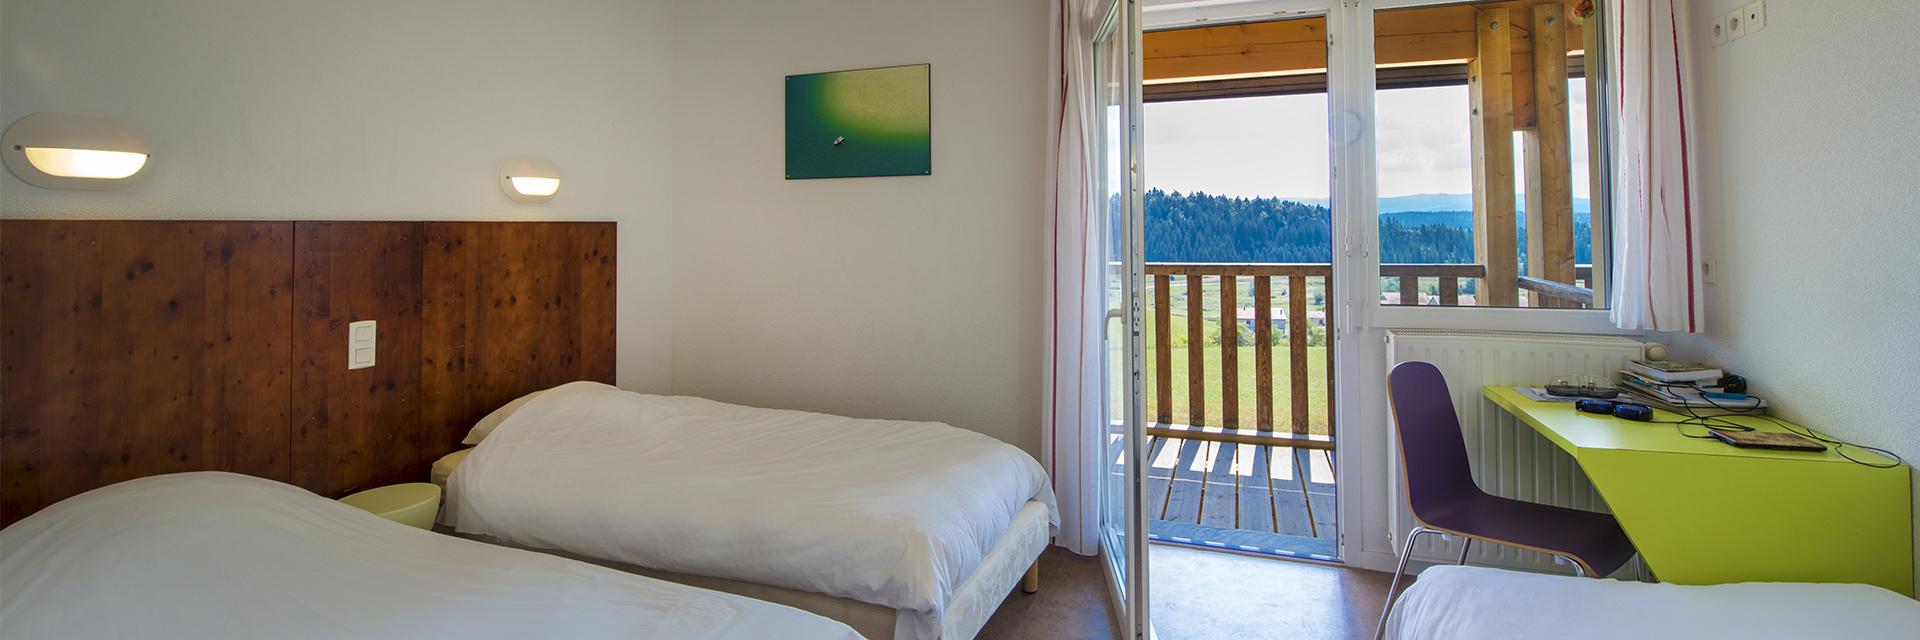 village-vacances-le-duchet-chambre-twin